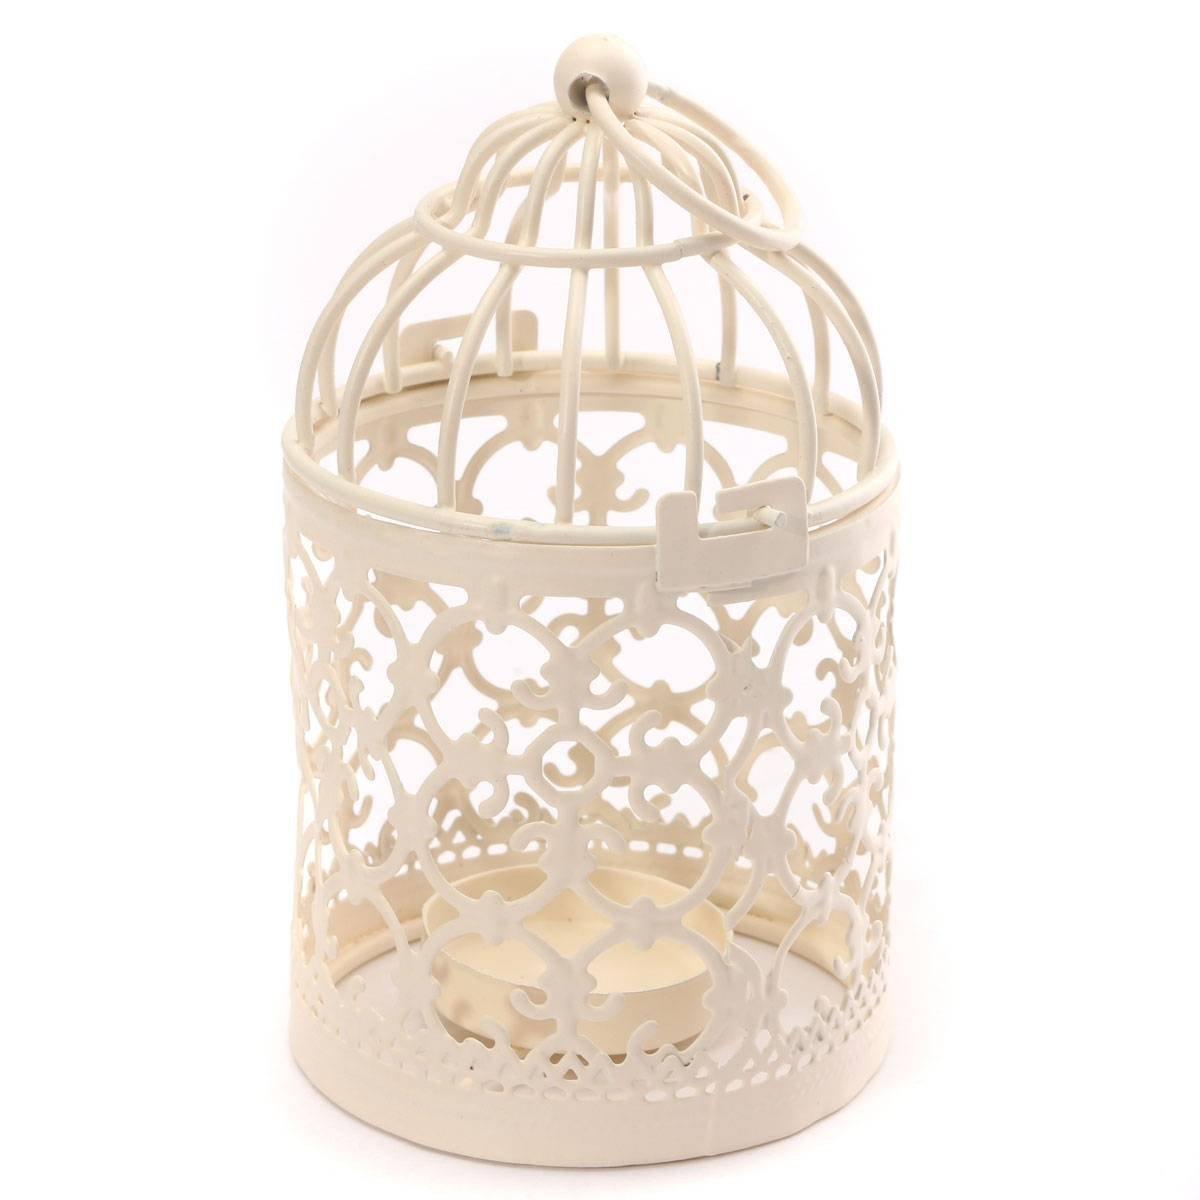 Da.Wa 1 pcs Birdcage-shaped Metal Lanterns Candle Holder Wedding Table Decoration